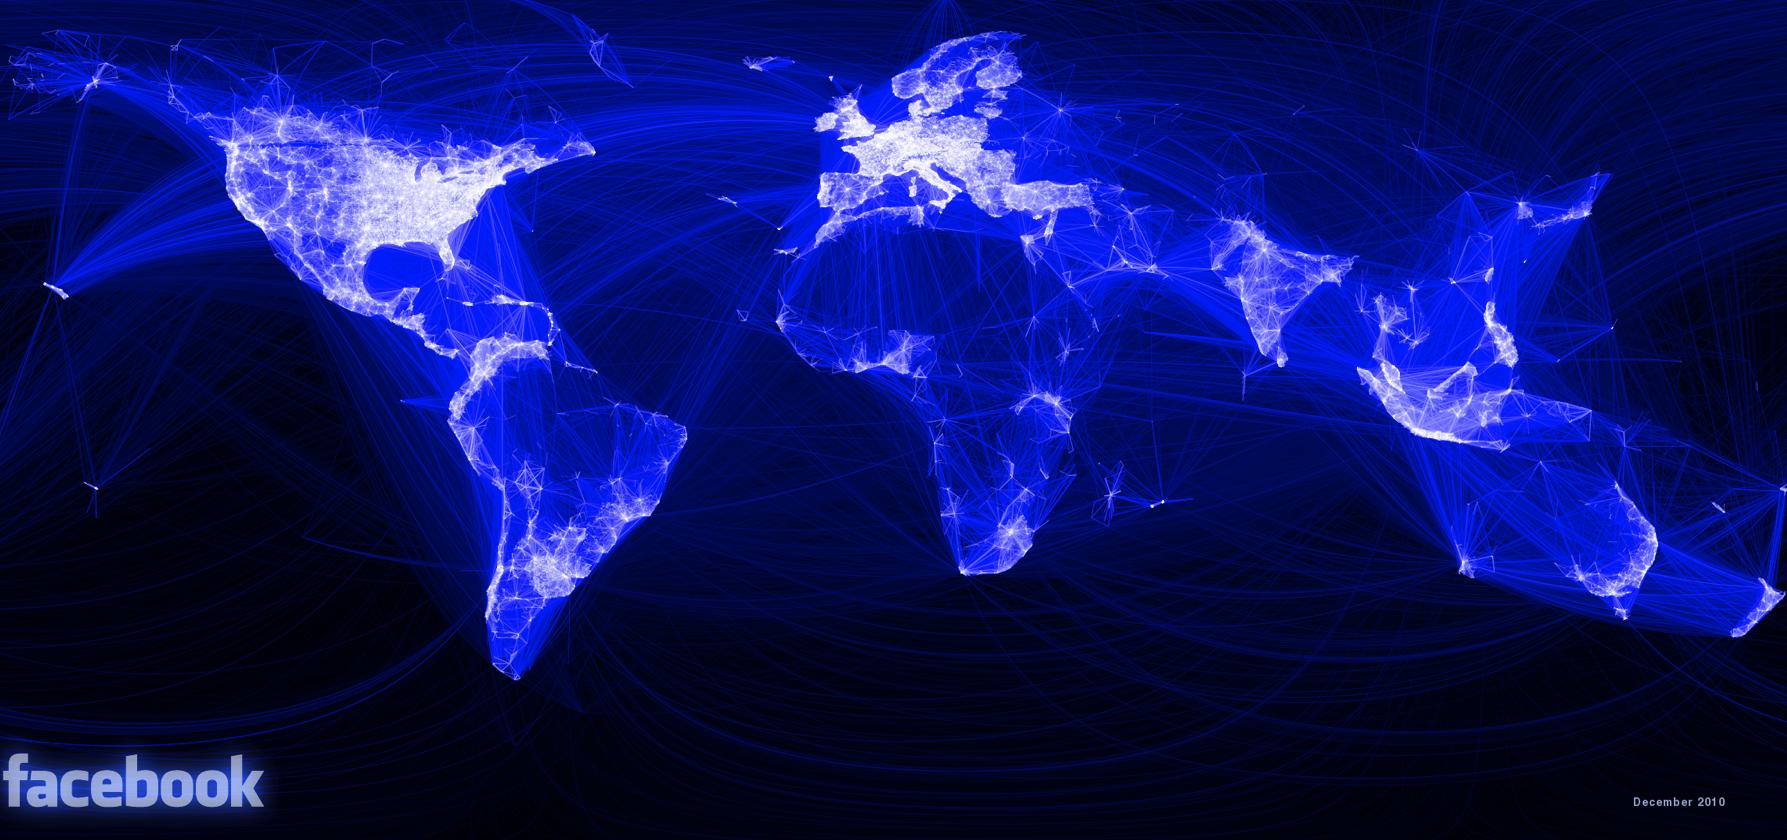 Partnersuche weltweit